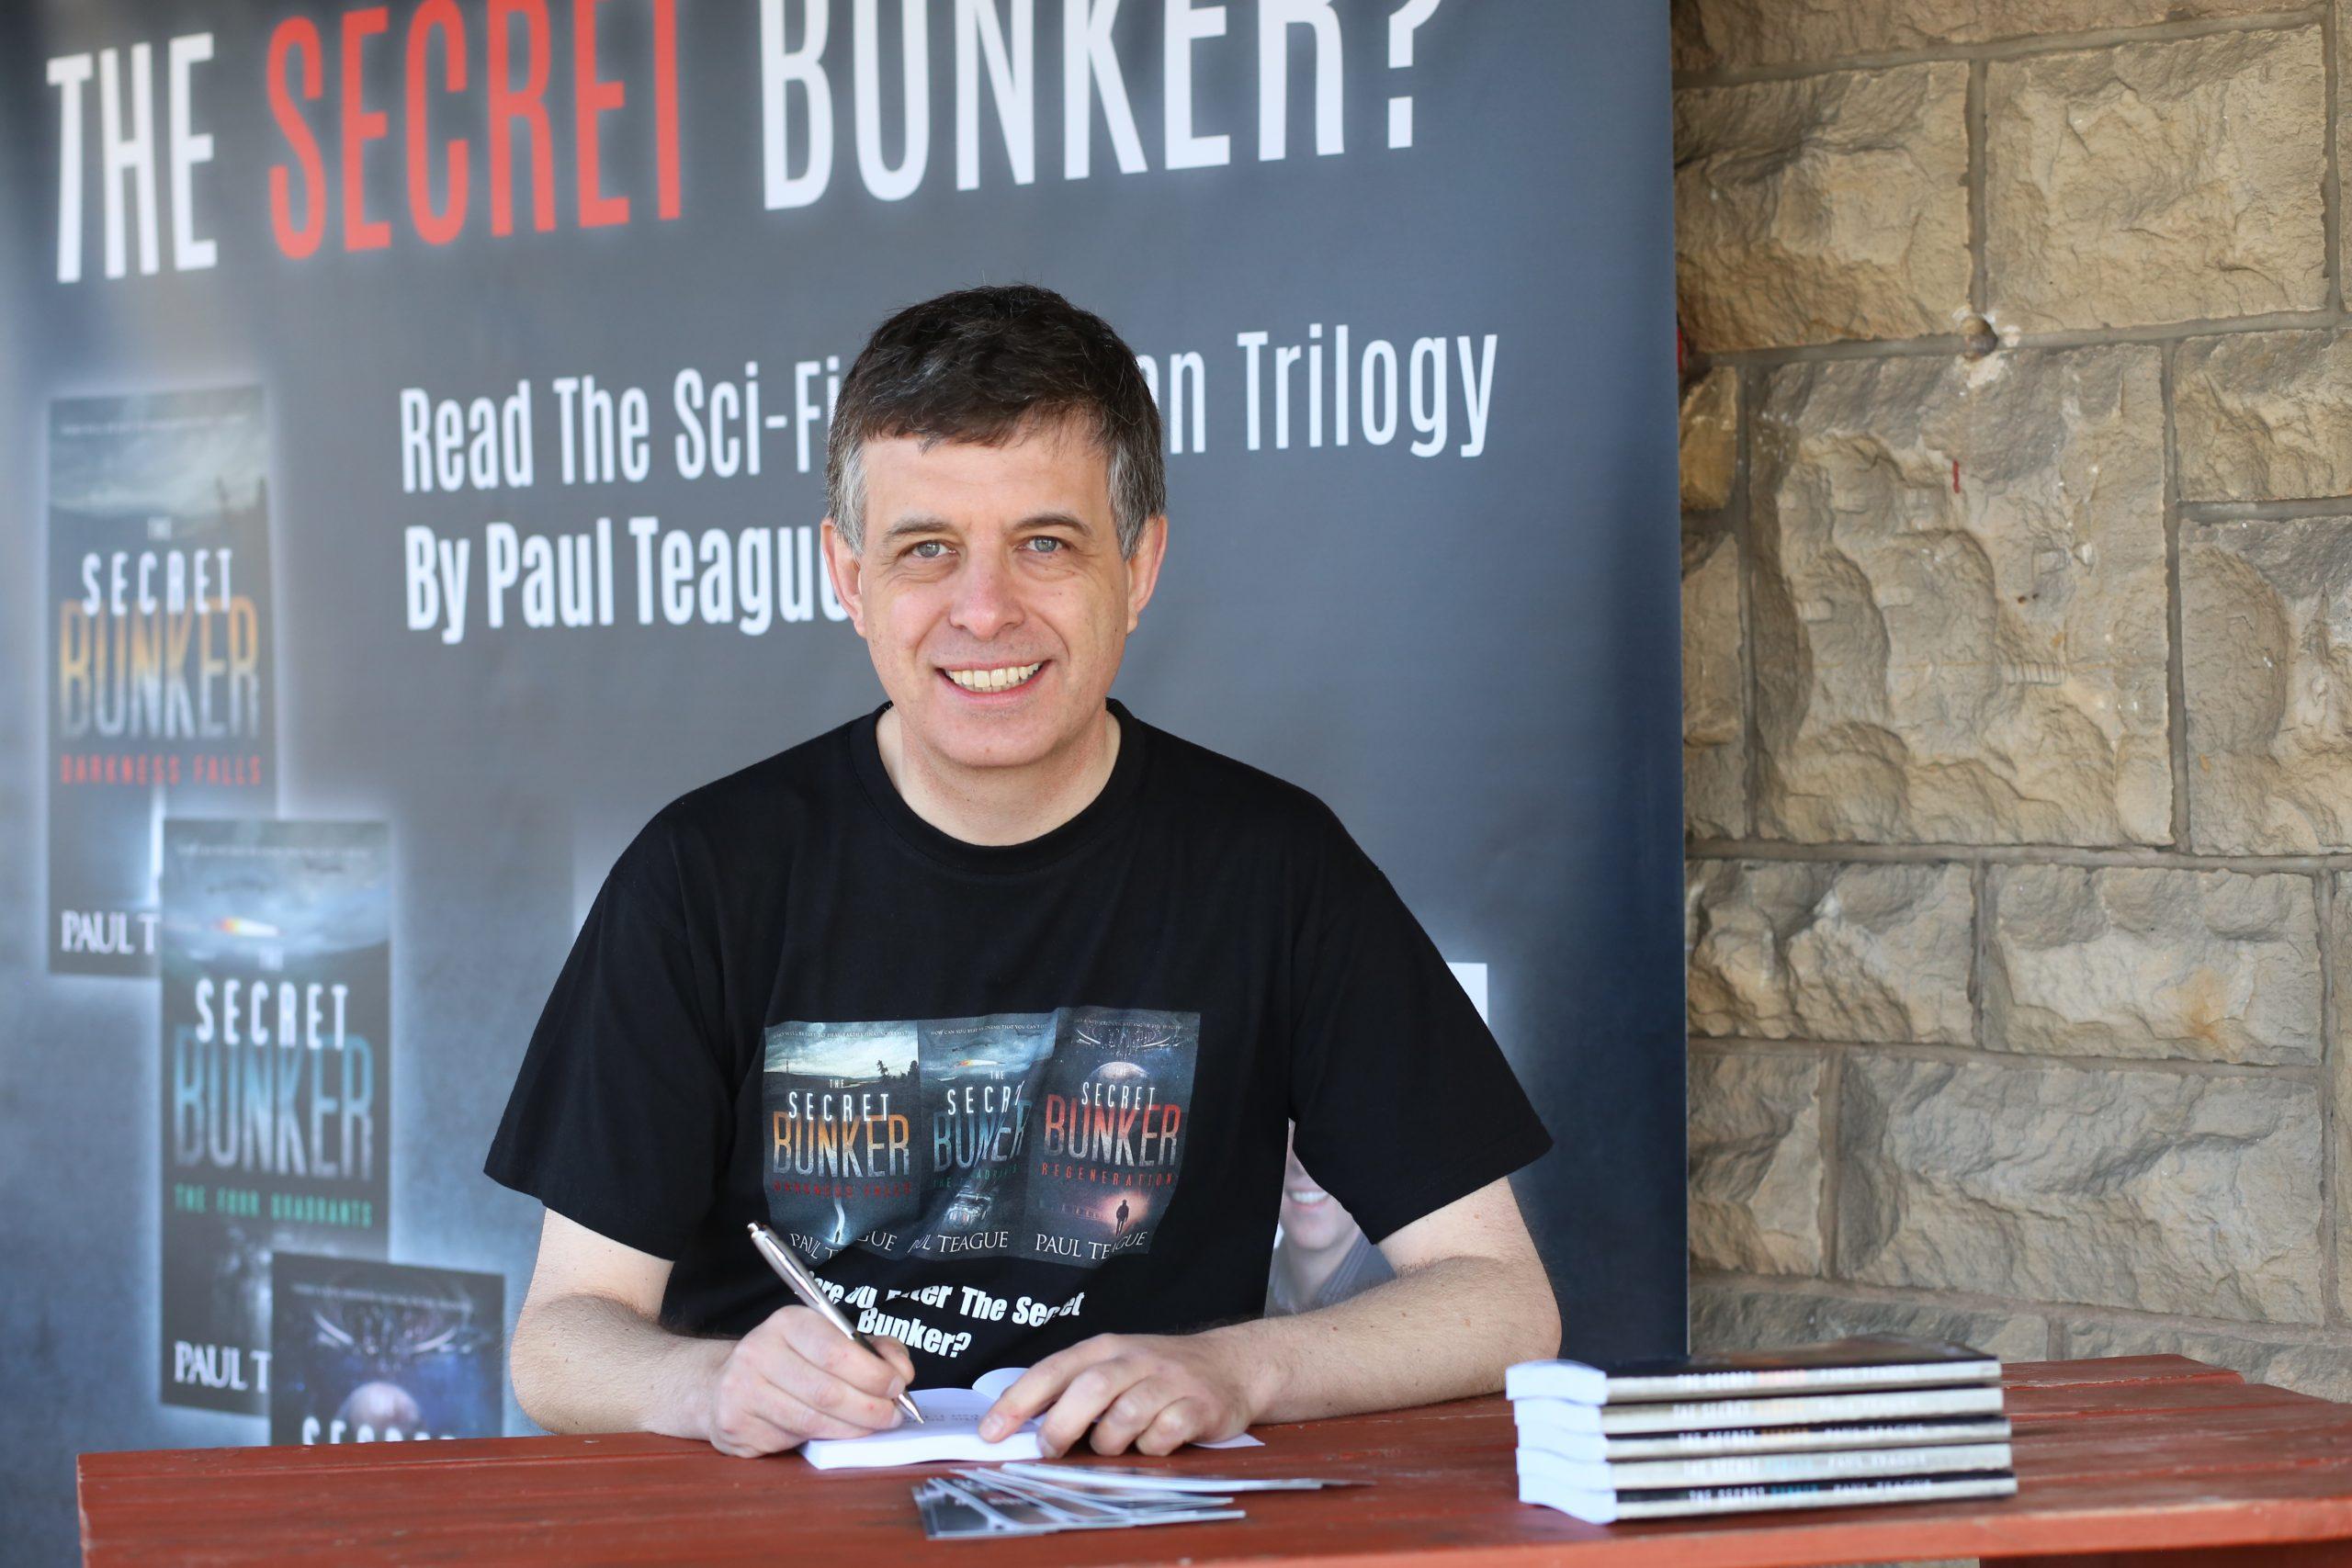 paul-teague-the-secret-bunker-signing8 - Copy